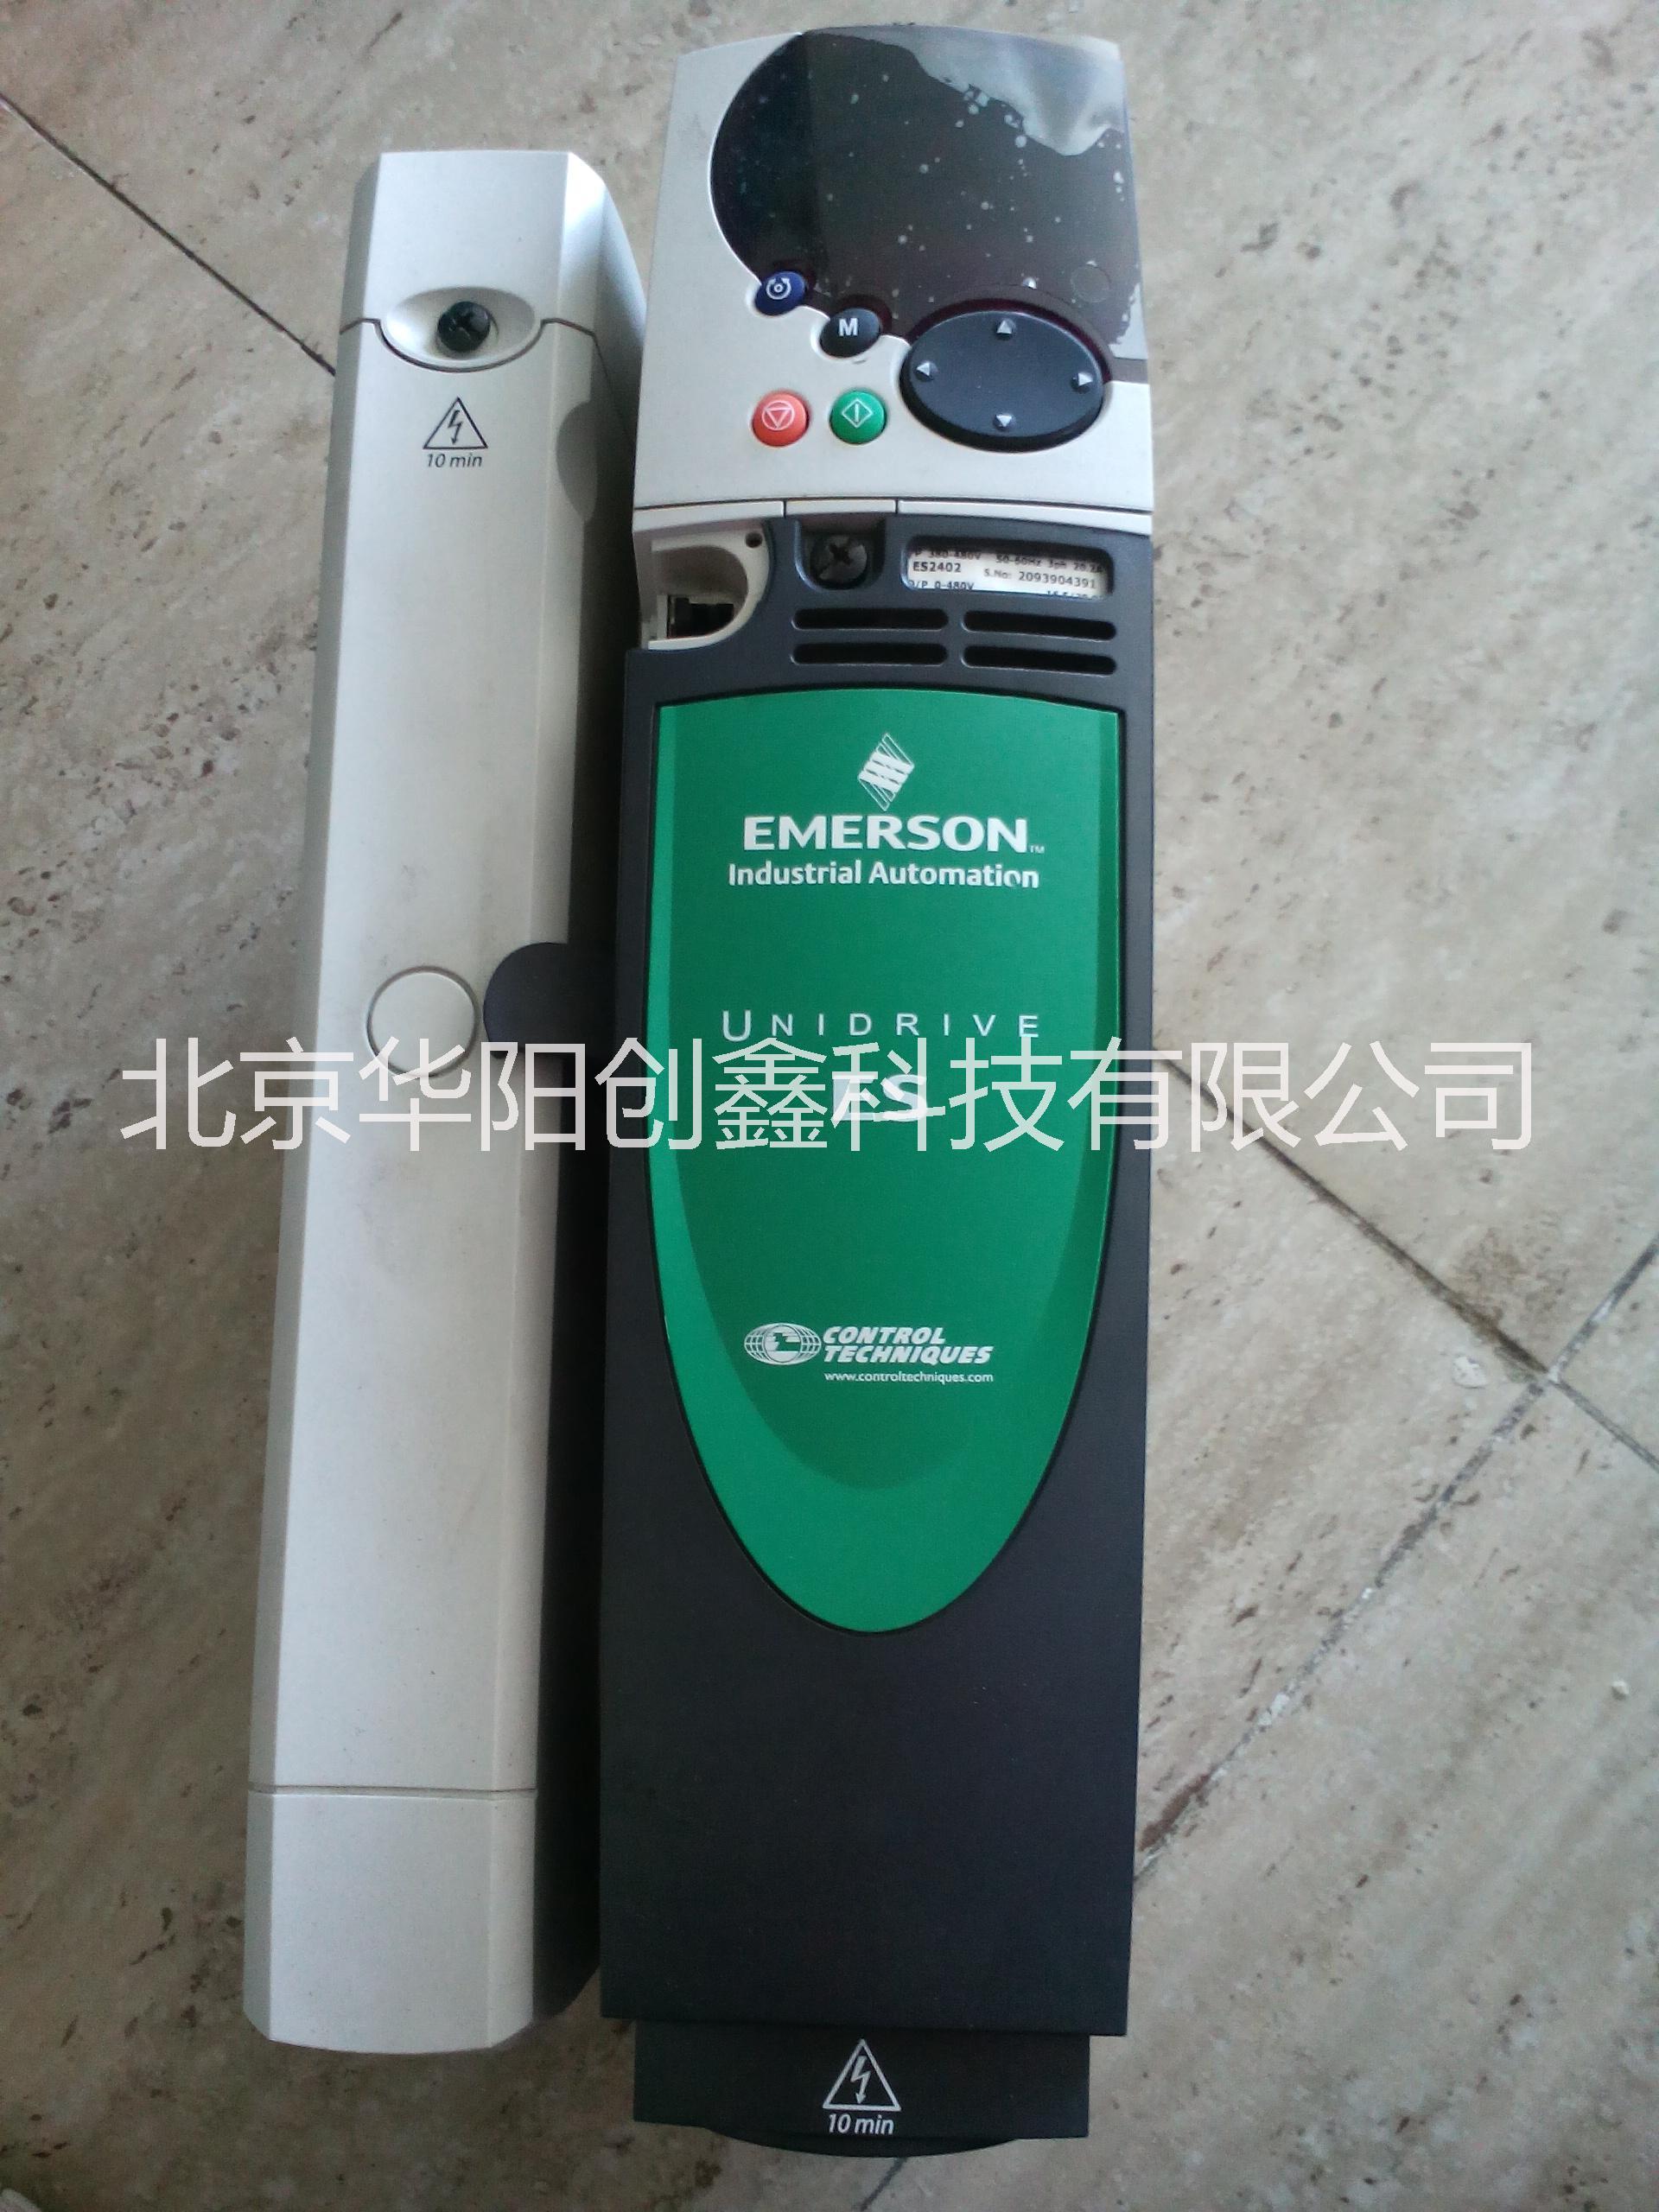 艾默生电梯变频器 es2402 7.5kw报价